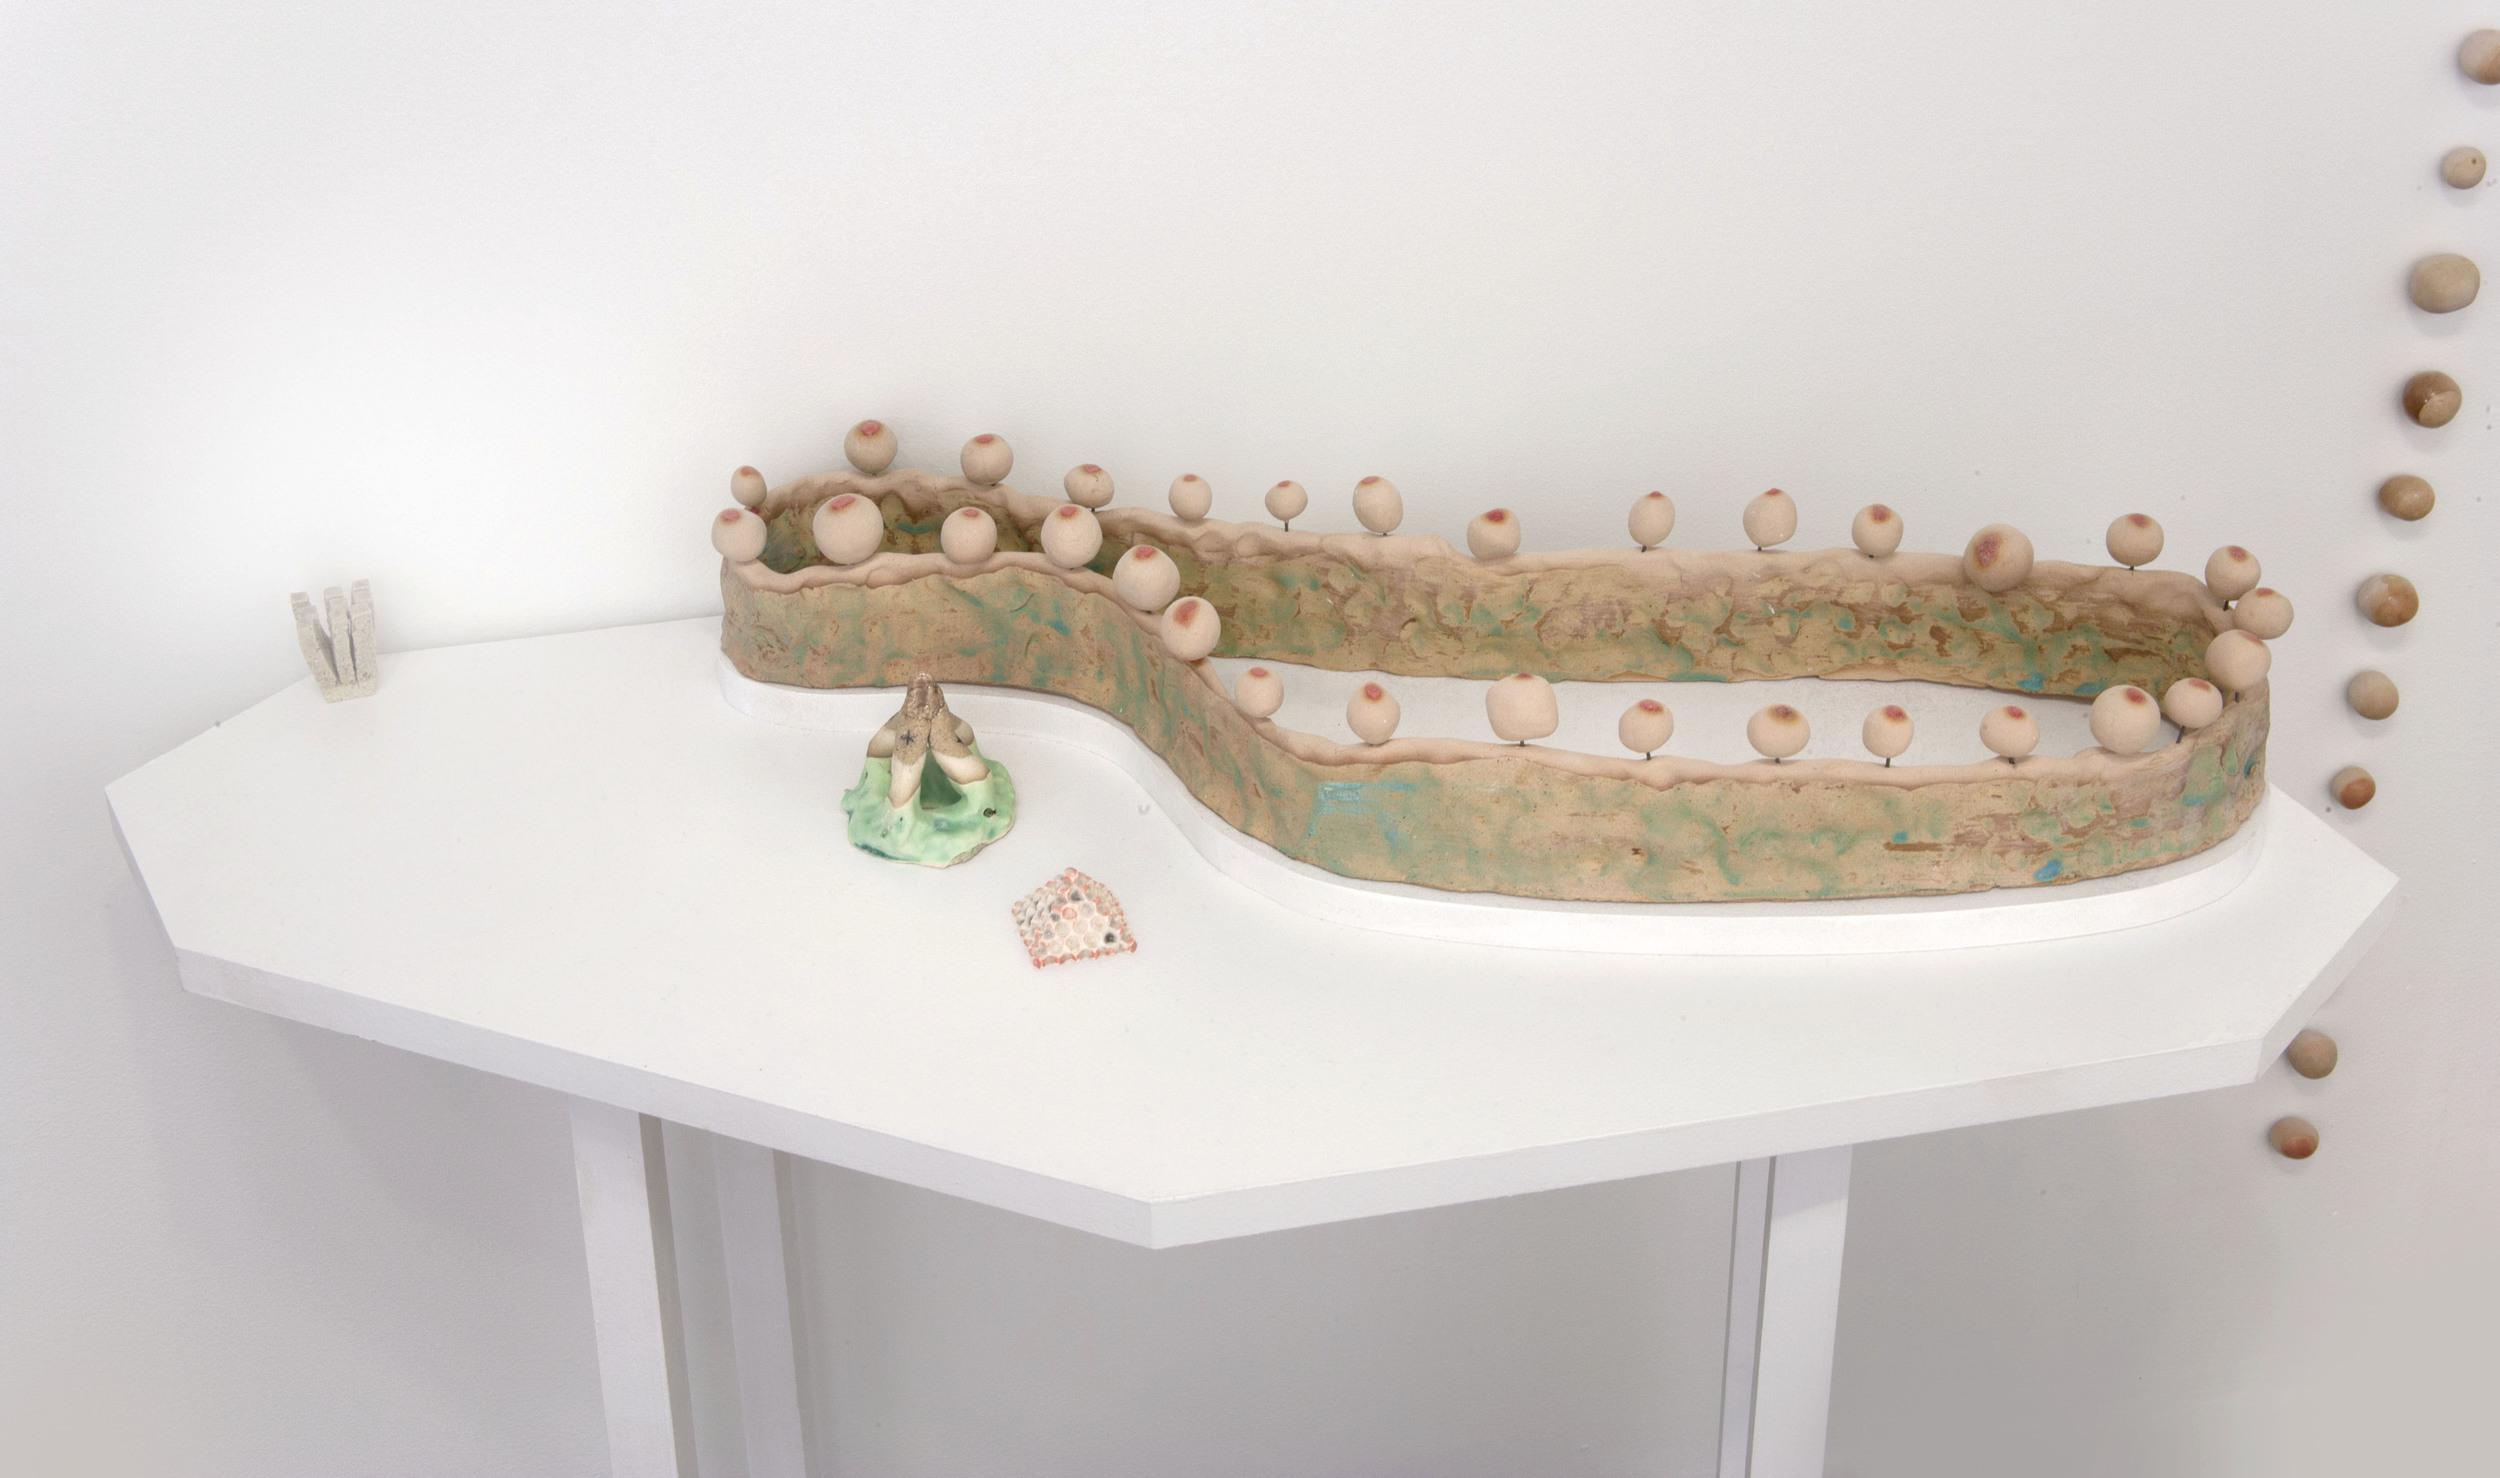 Held Up and Let Loose Ceramic, glaze, MDF, wood  Detail 2012